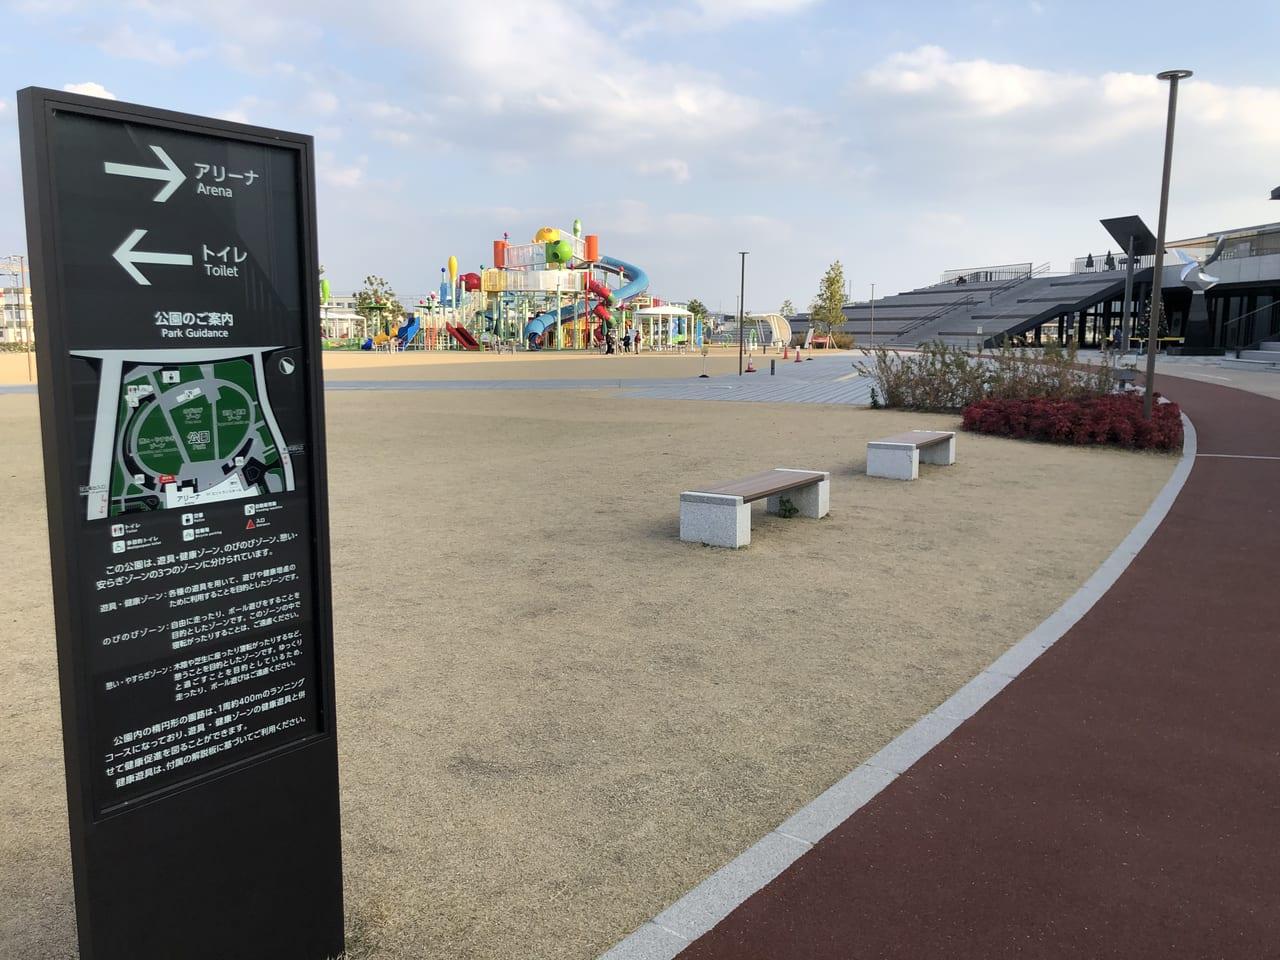 エフピコアリーナふくやま公園